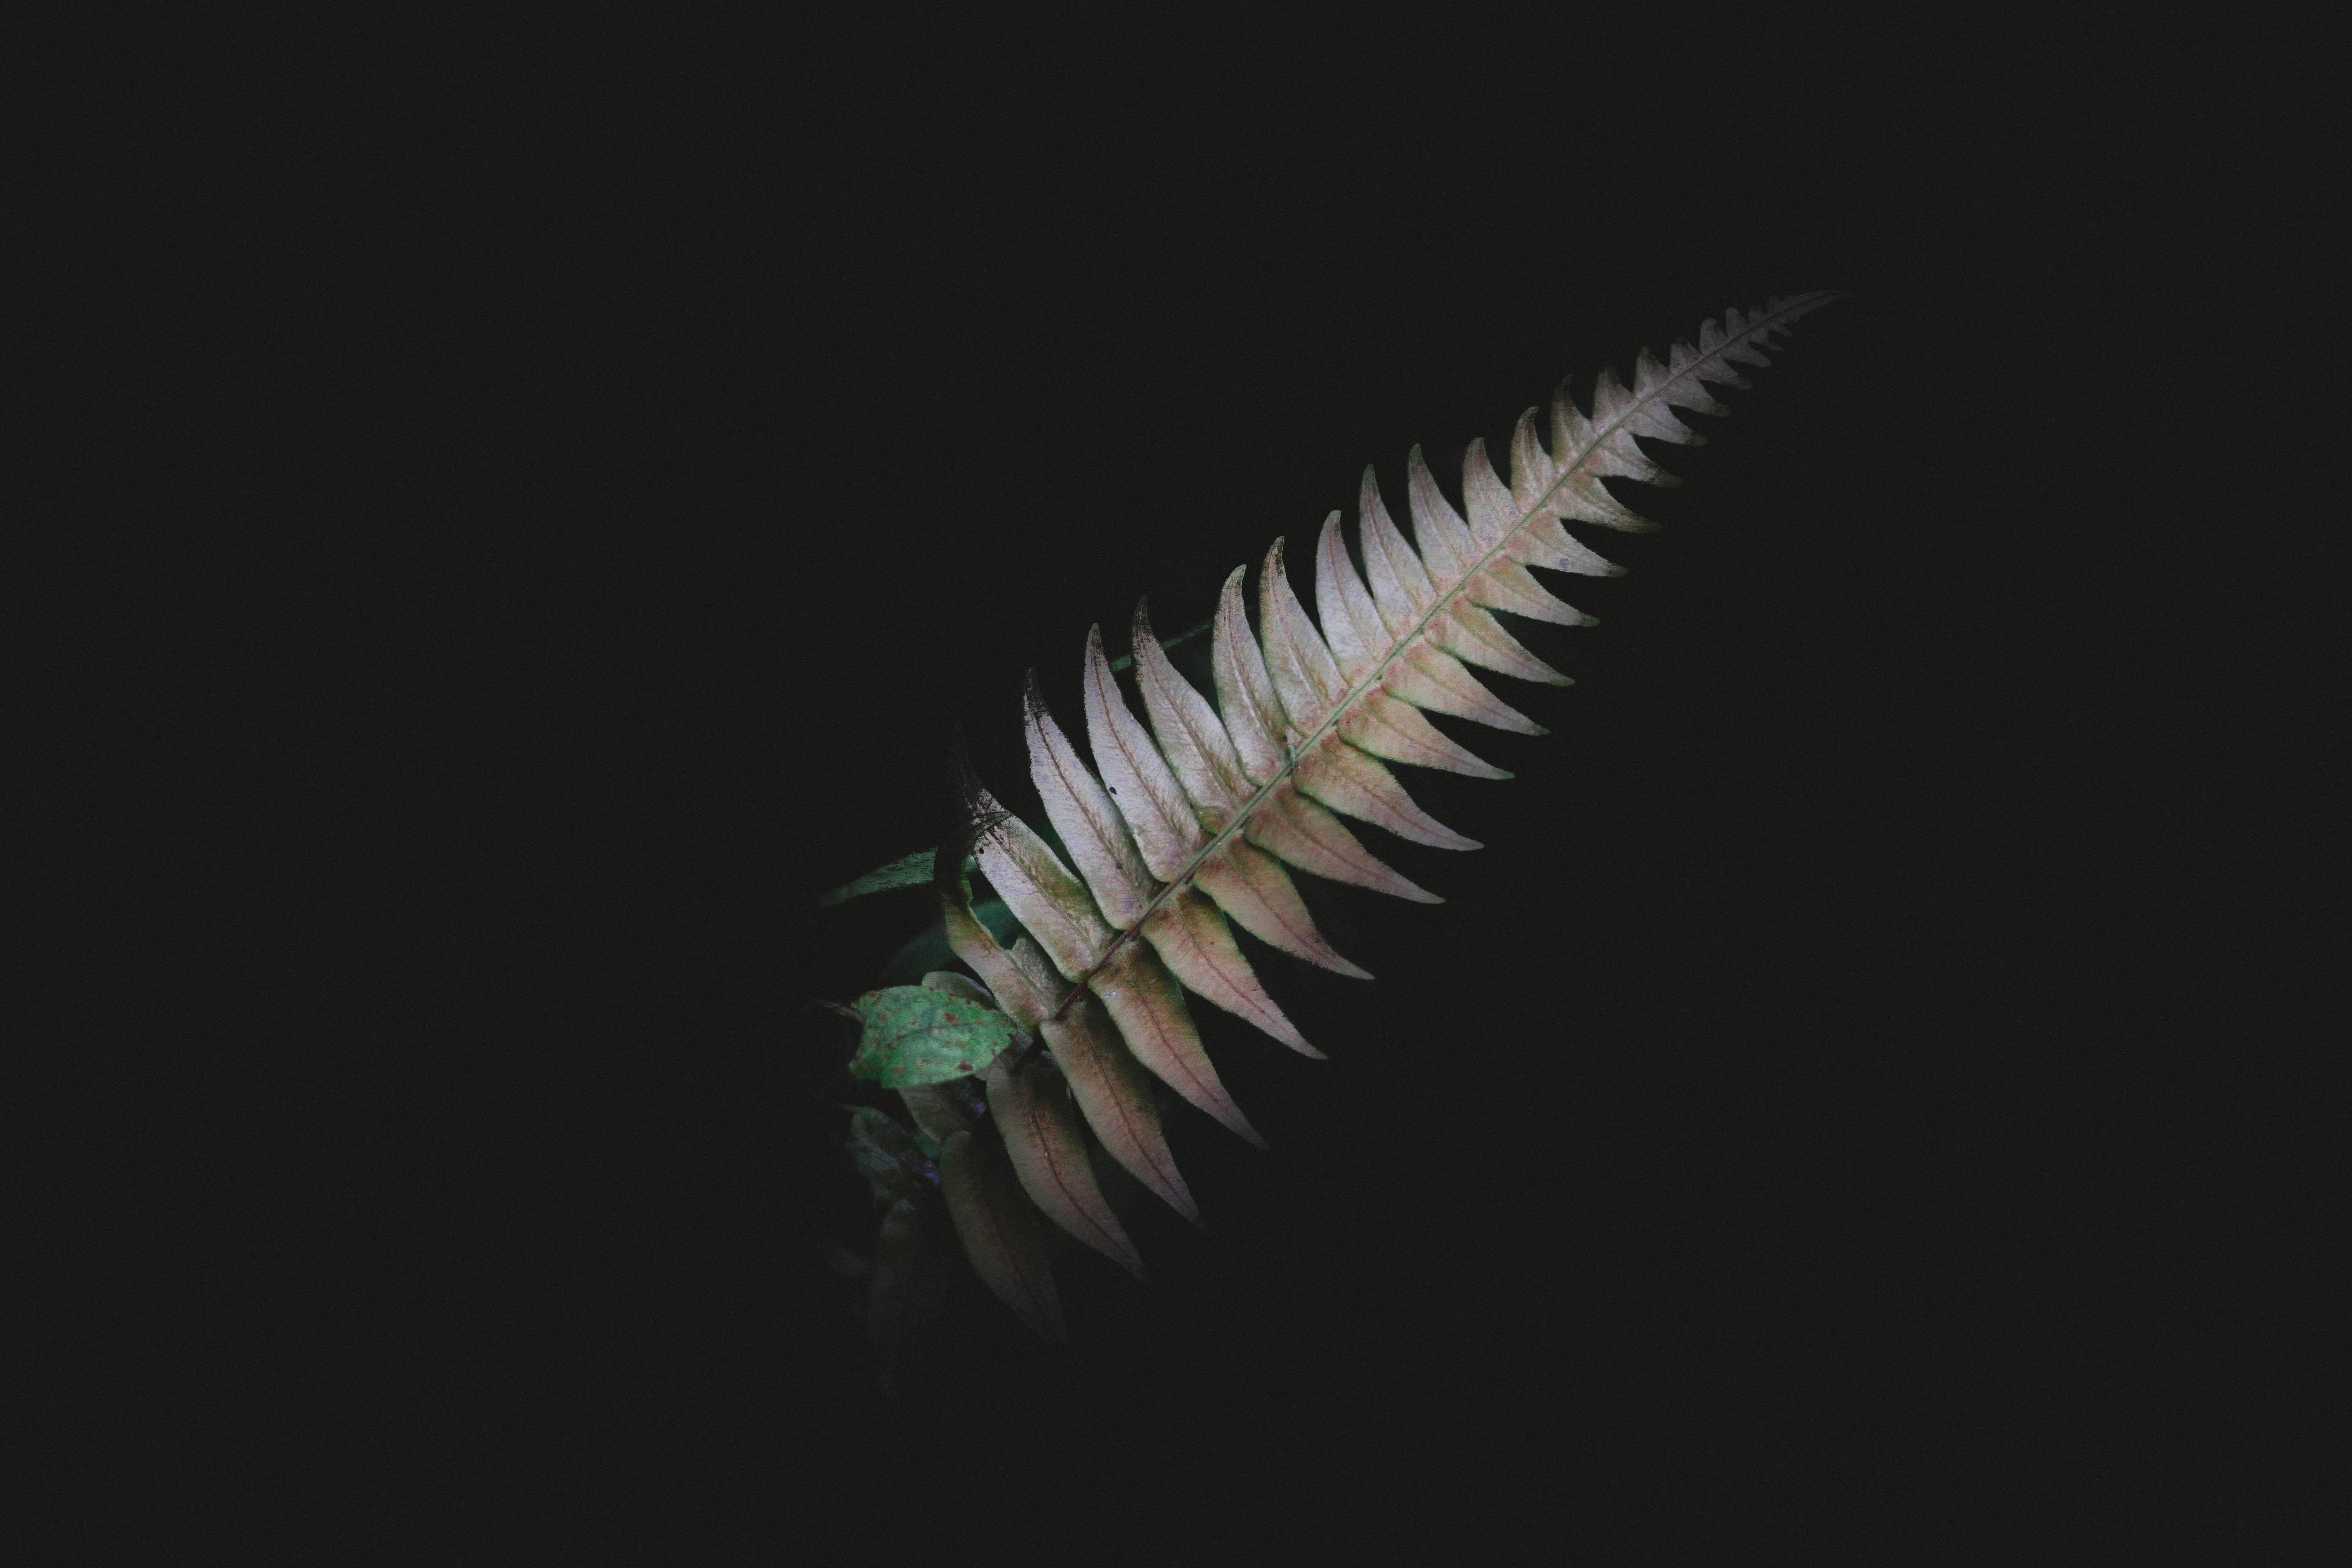 A dark night shot highlighting the foliage of a leaf